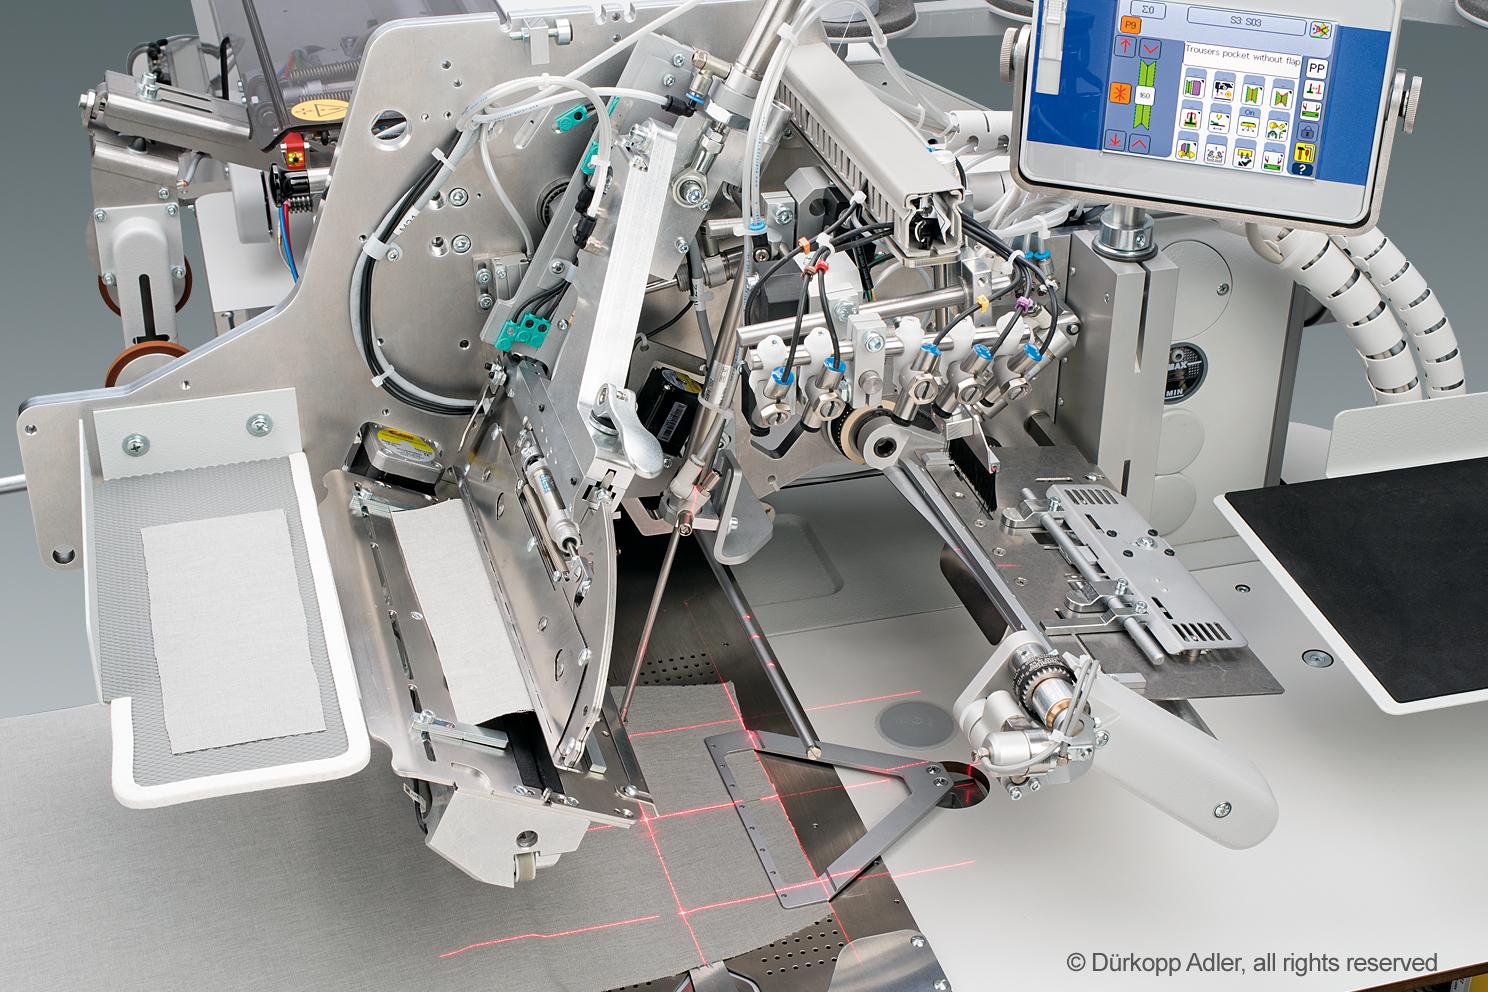 Tam otomatik besleme sistemli, CNC step motor teknolojisine sahip düz cep fleto dikiş üniteleri